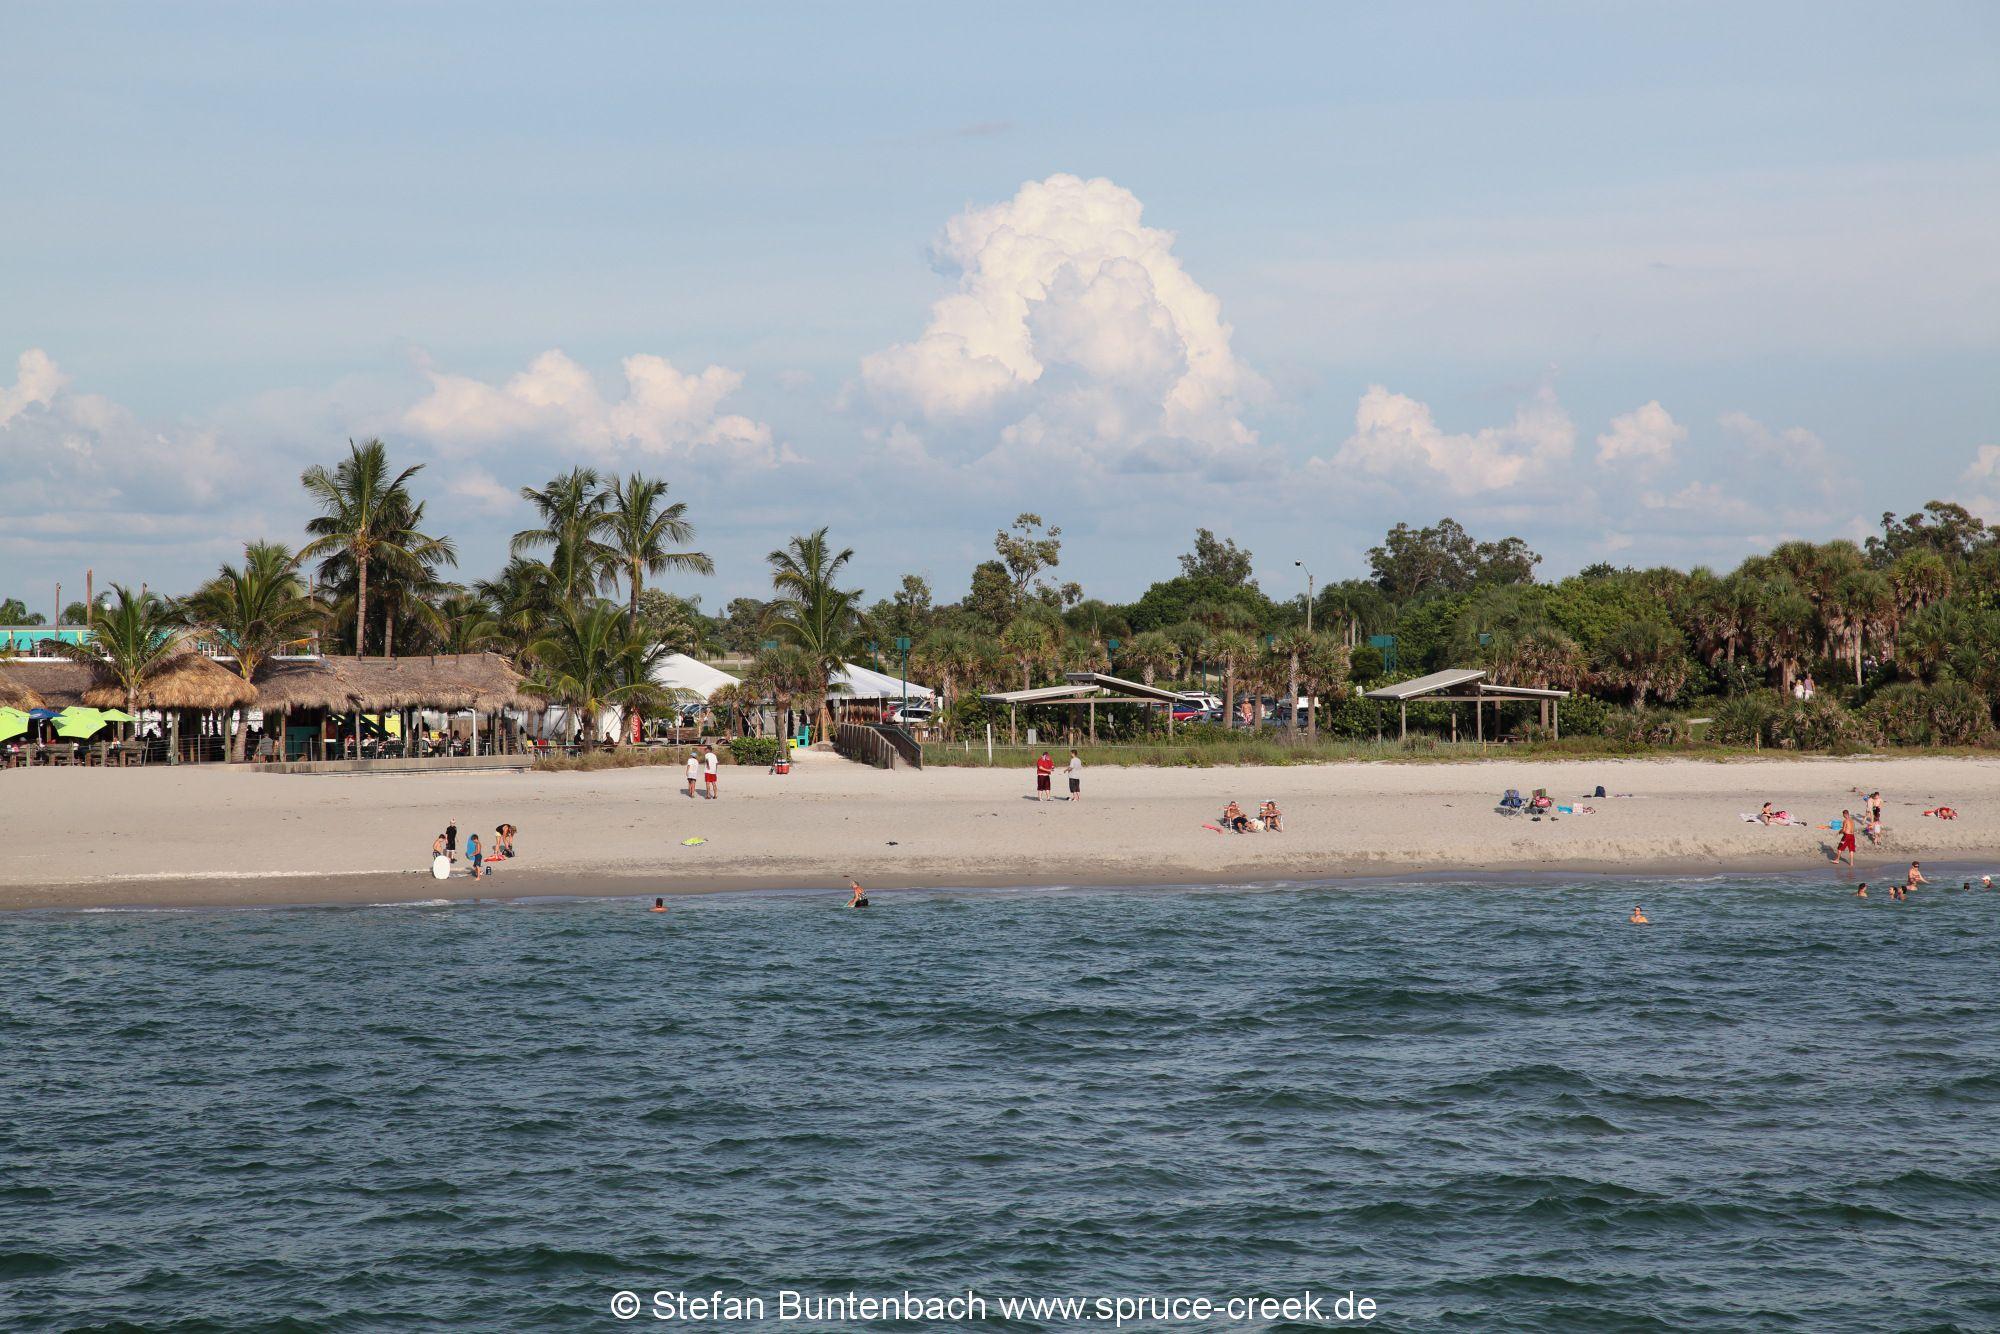 Strandabschnitt am Golf von Mexiko im Bereich von Venice, Florida, südlich von Sarasota.